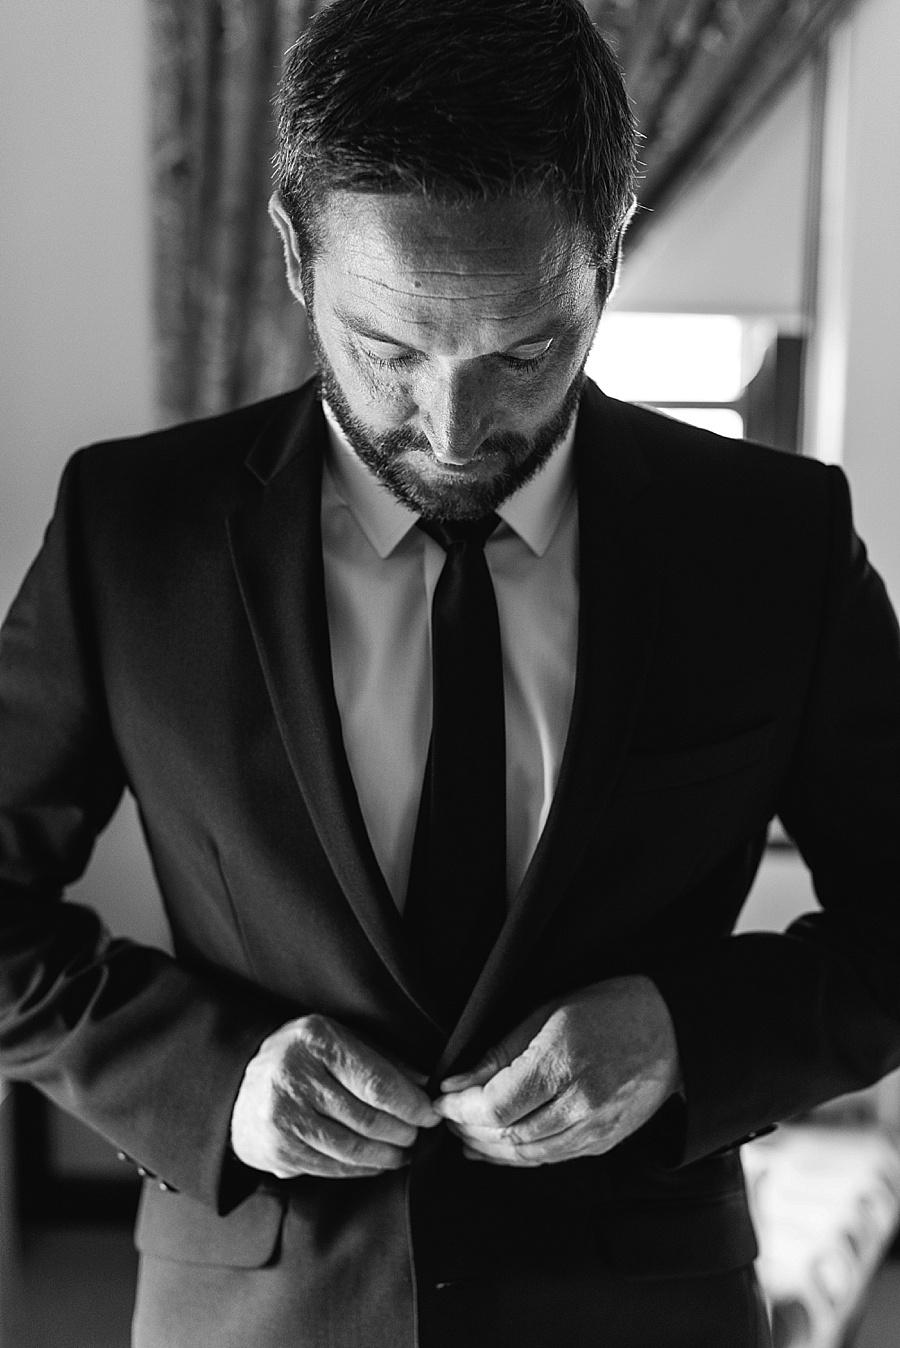 Darren Bester - Cape Town Wedding Photographer - Kronenburg - Cindy and Evan_0015.jpg